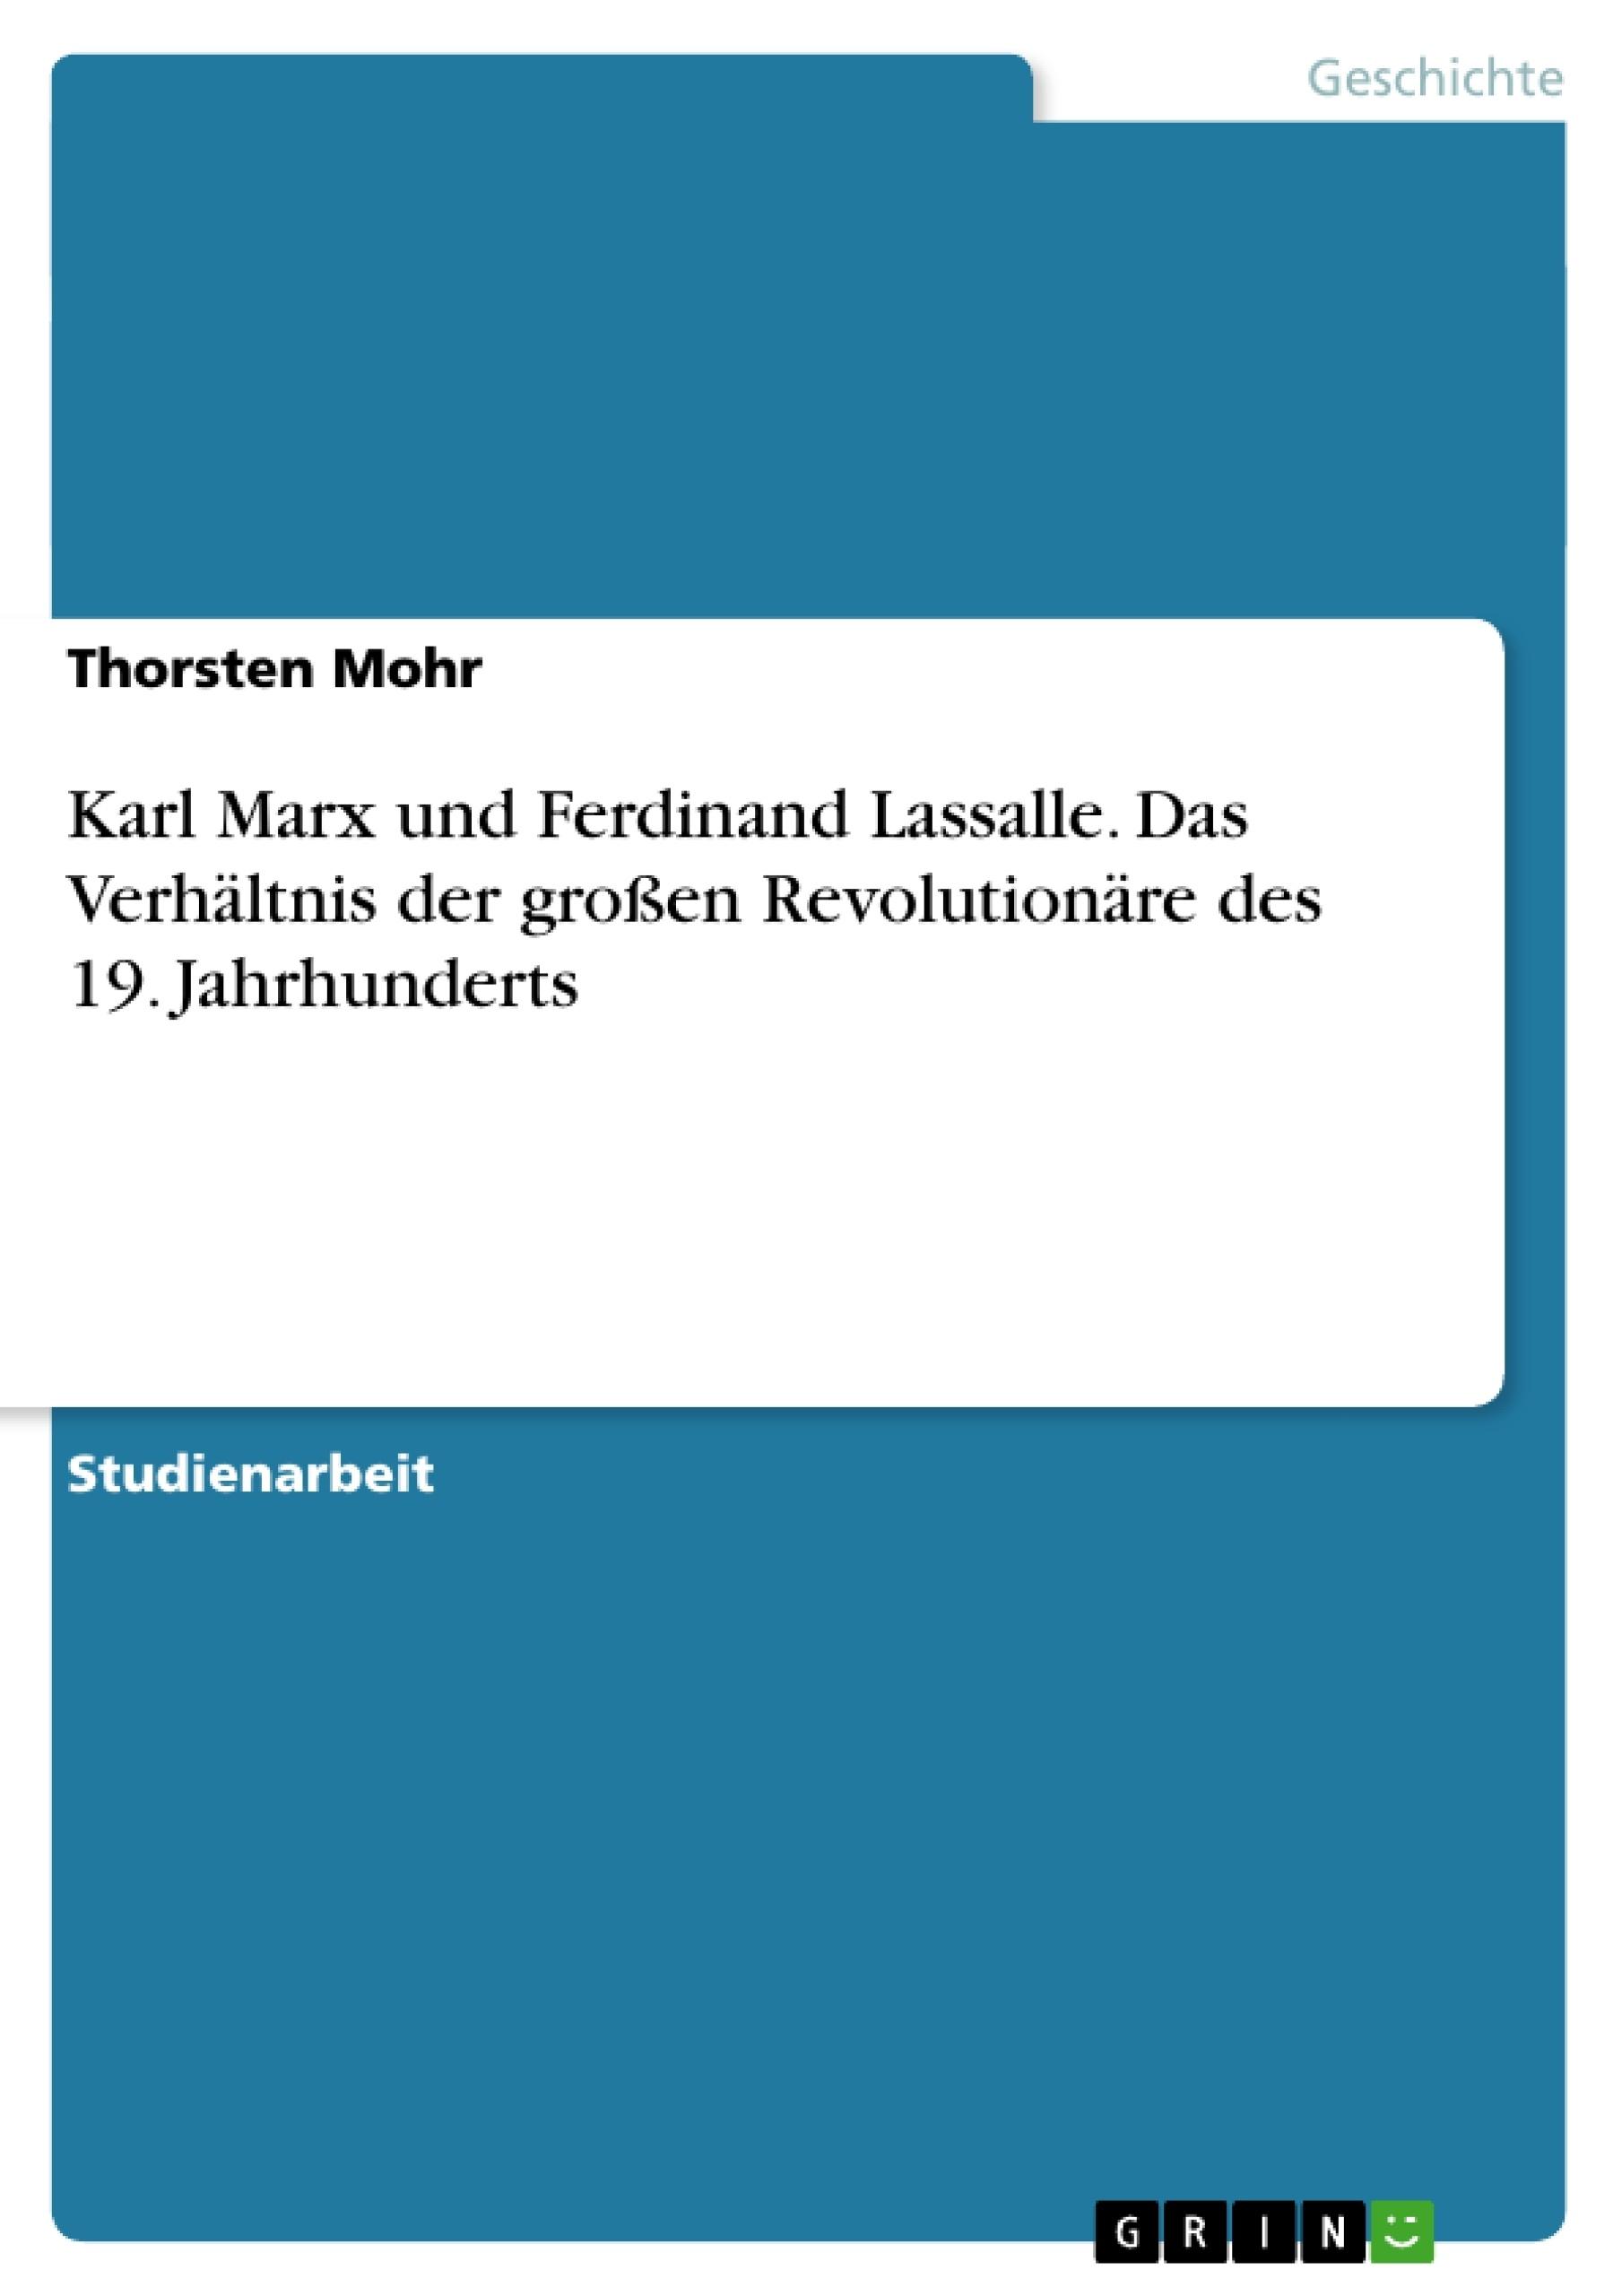 Titel: Karl Marx und Ferdinand Lassalle. Das Verhältnis der großen Revolutionäre des 19. Jahrhunderts